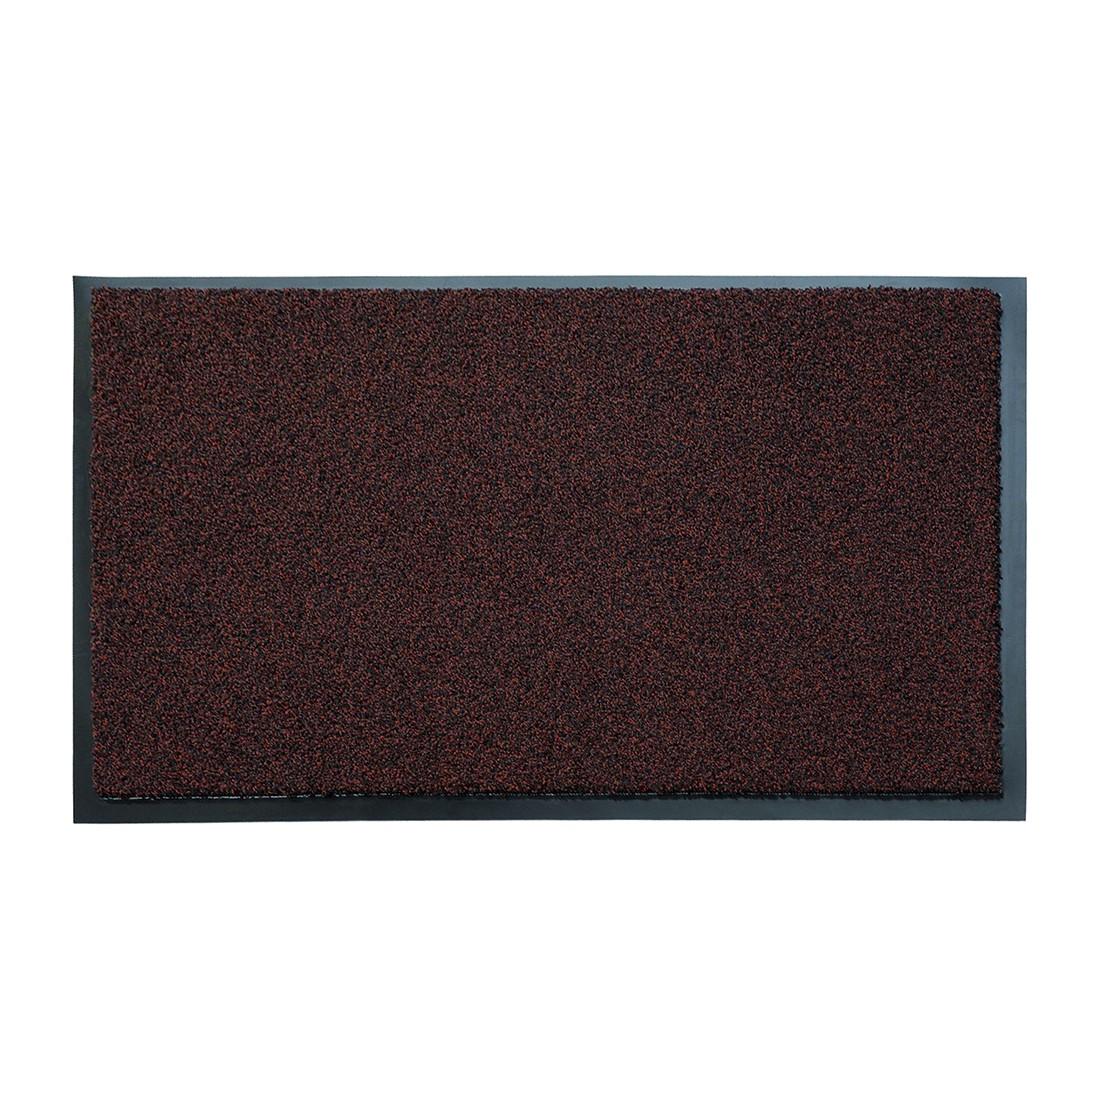 Fußmatte Calcite – Terra – 90 x 150 cm, Astra bestellen